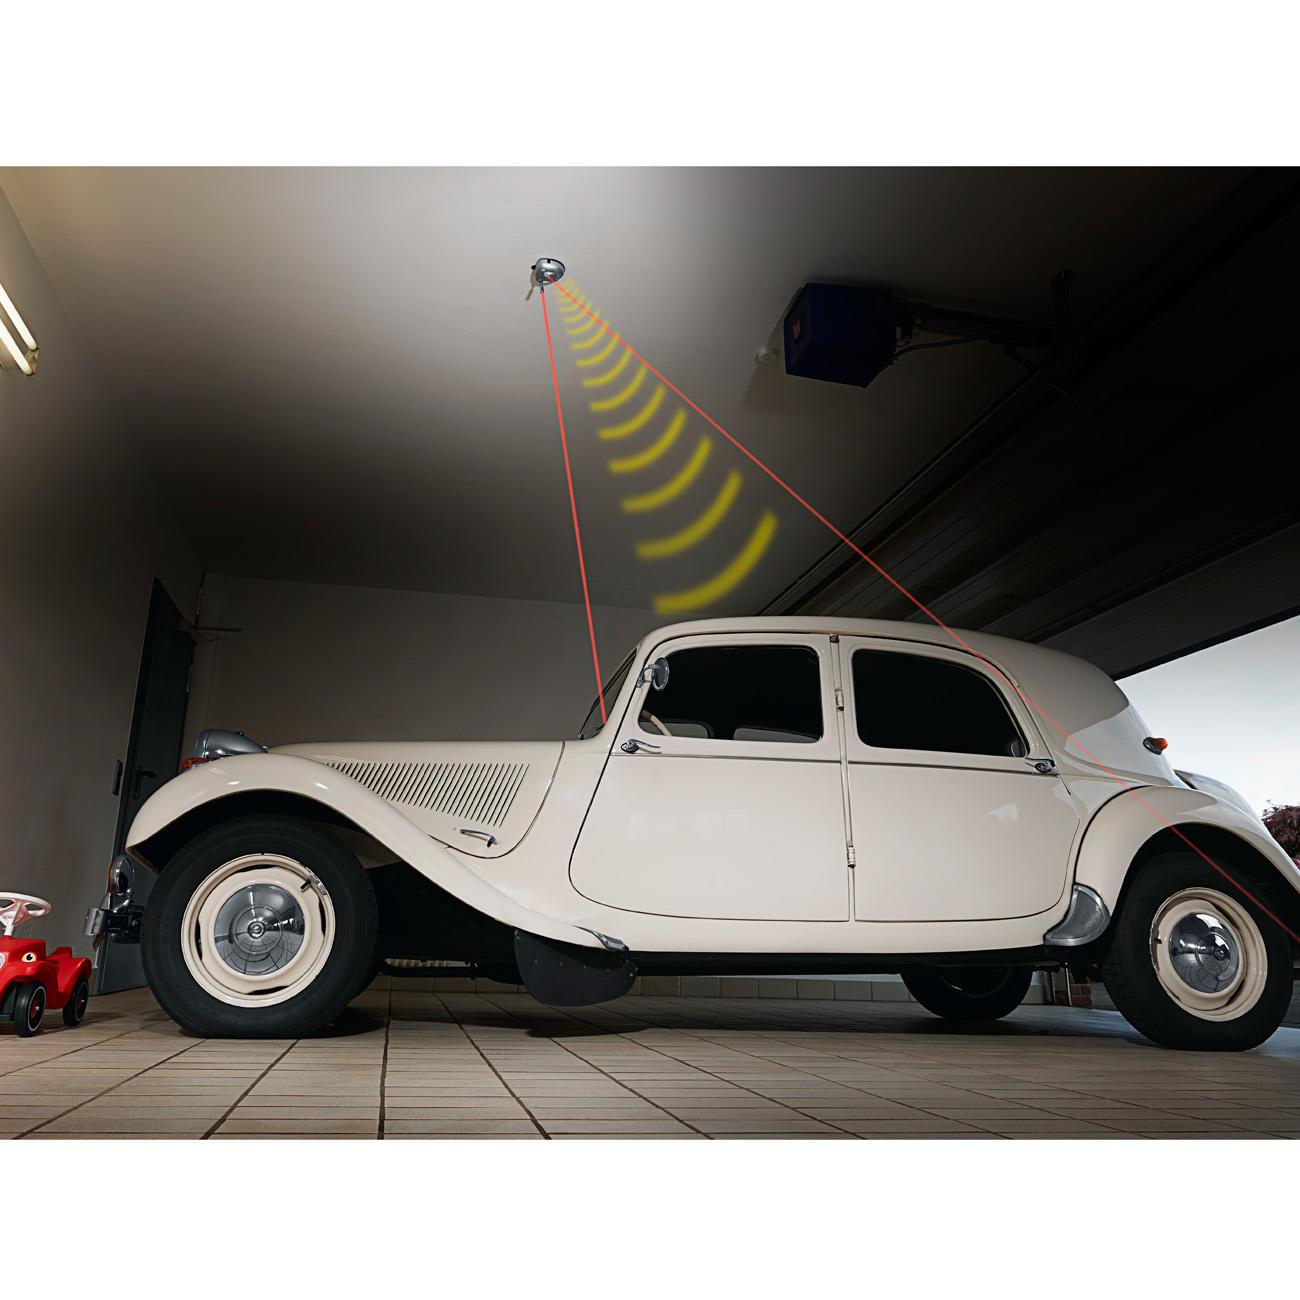 Assistance au stationnement laser duo pas cher pro idee for Garage courant automobile vesoul